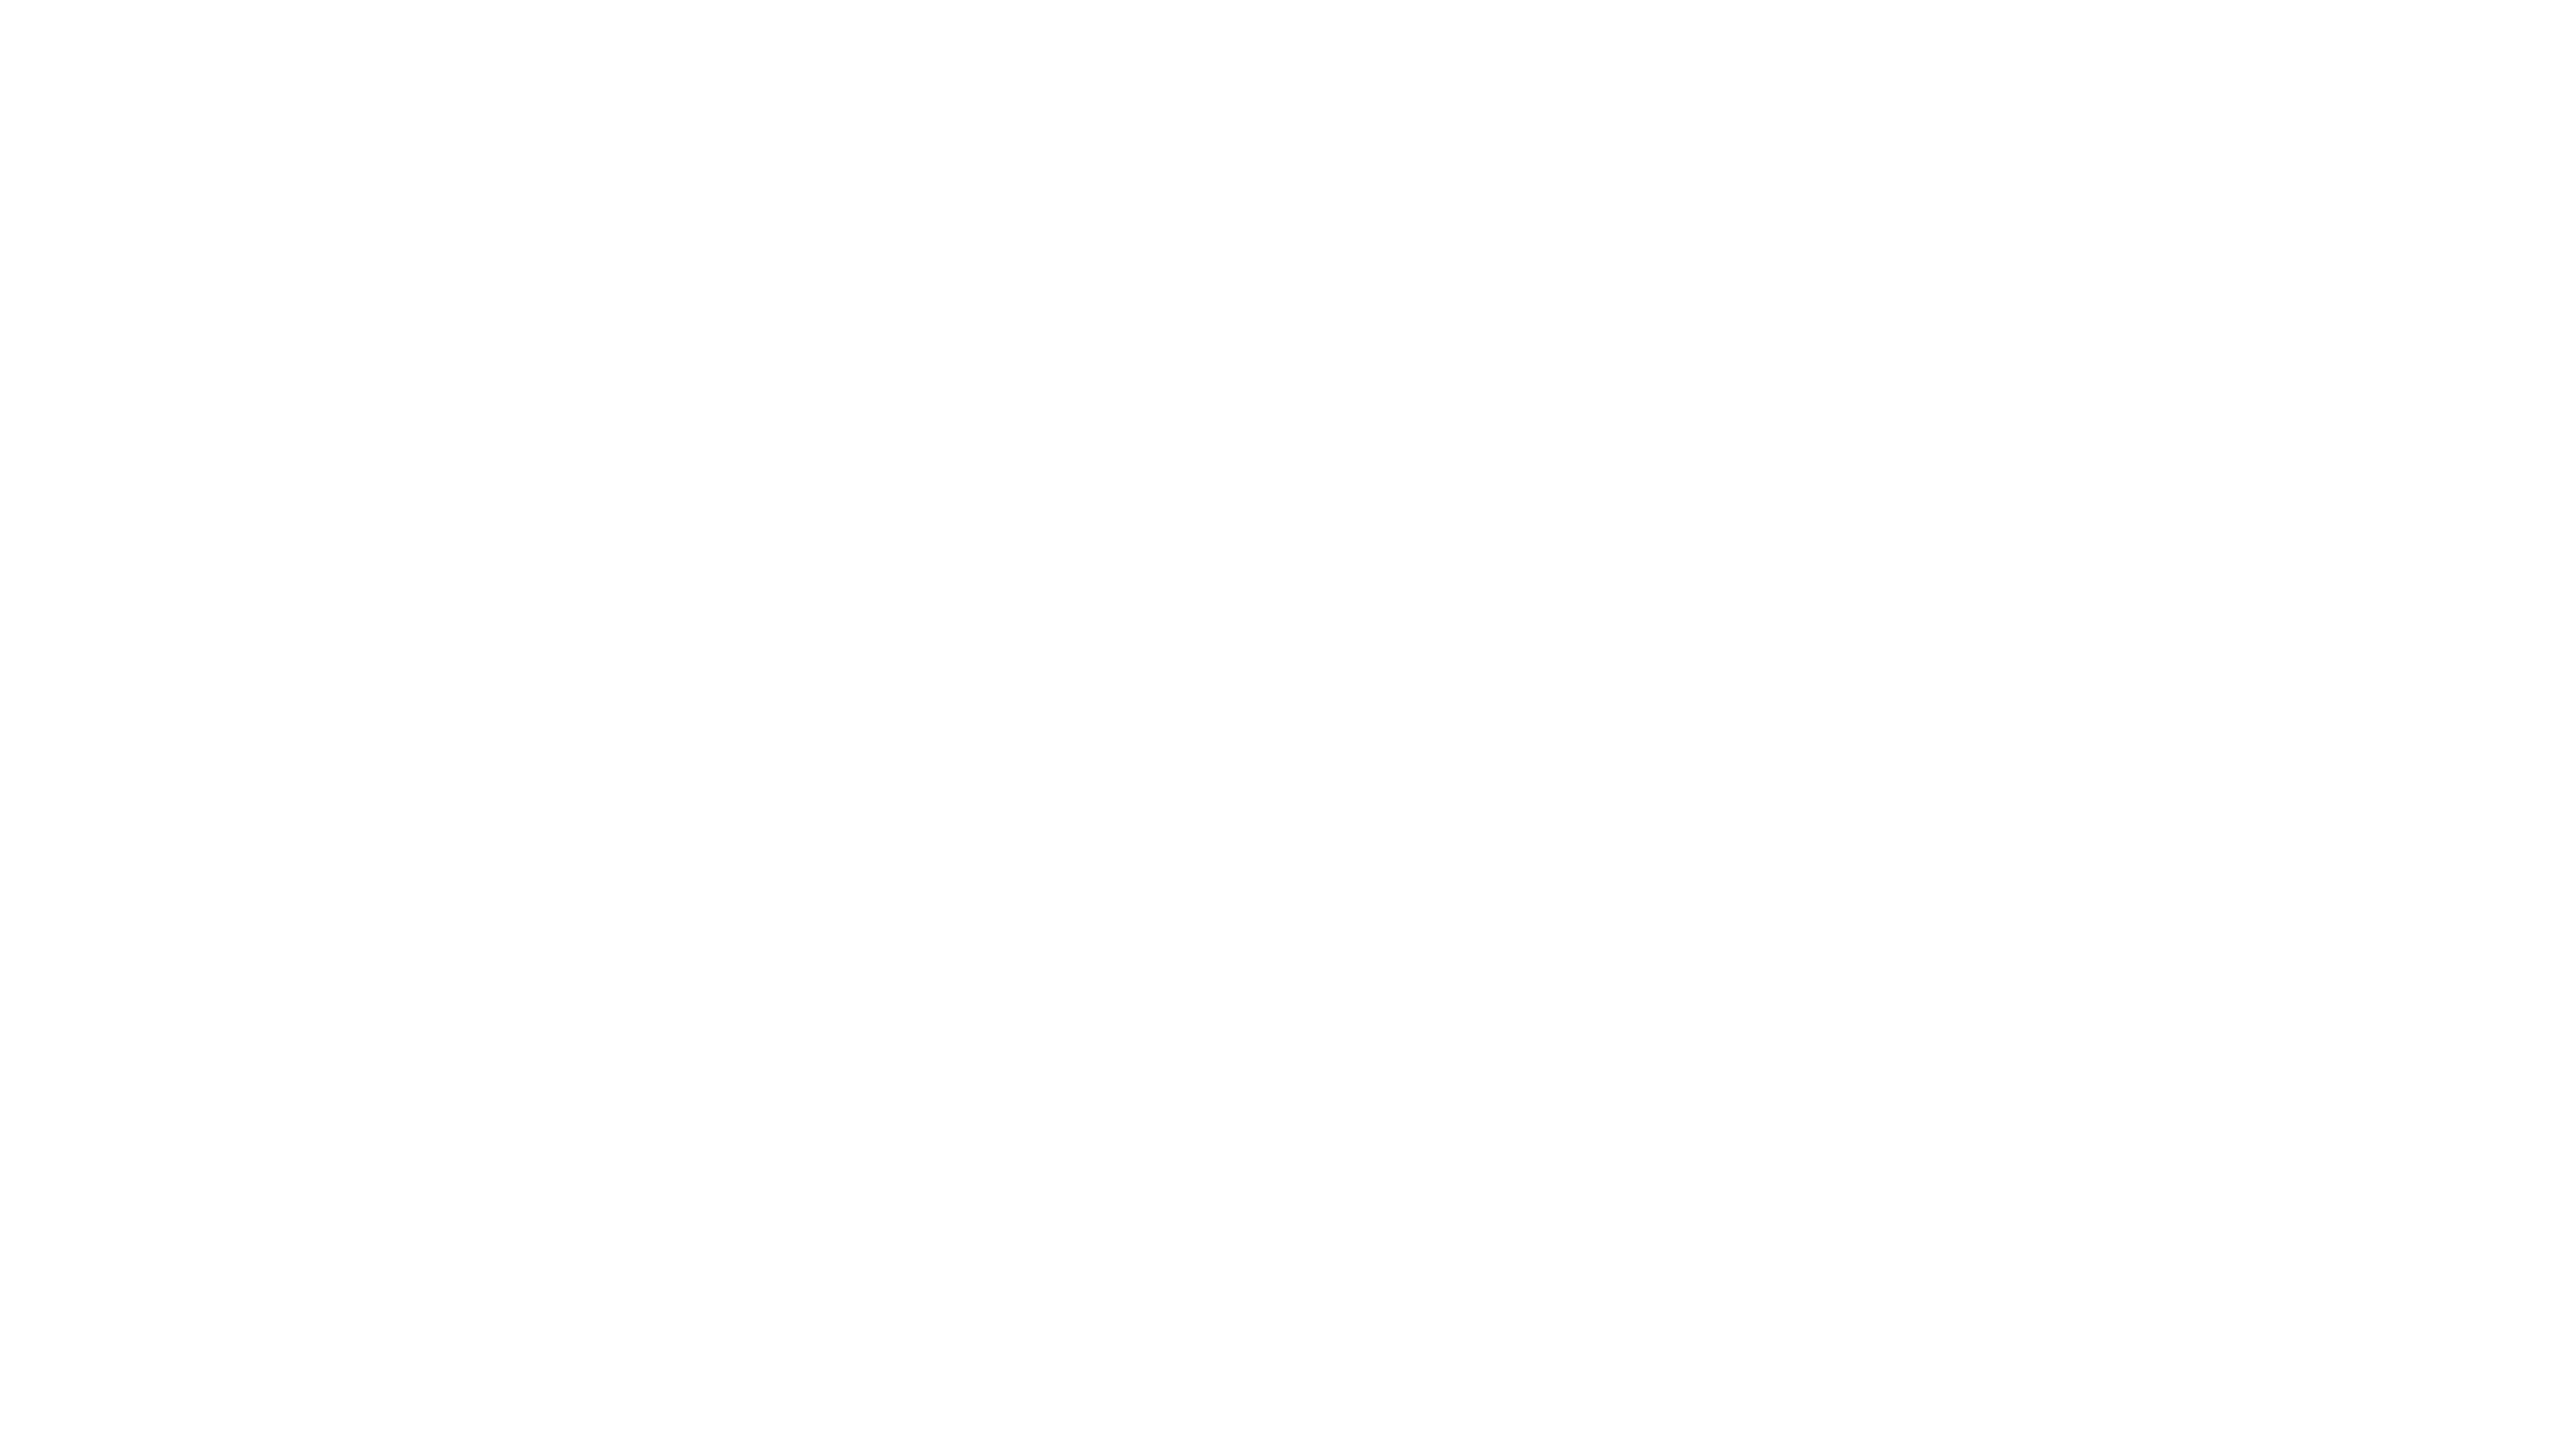 logo-jeuveau RX white 2